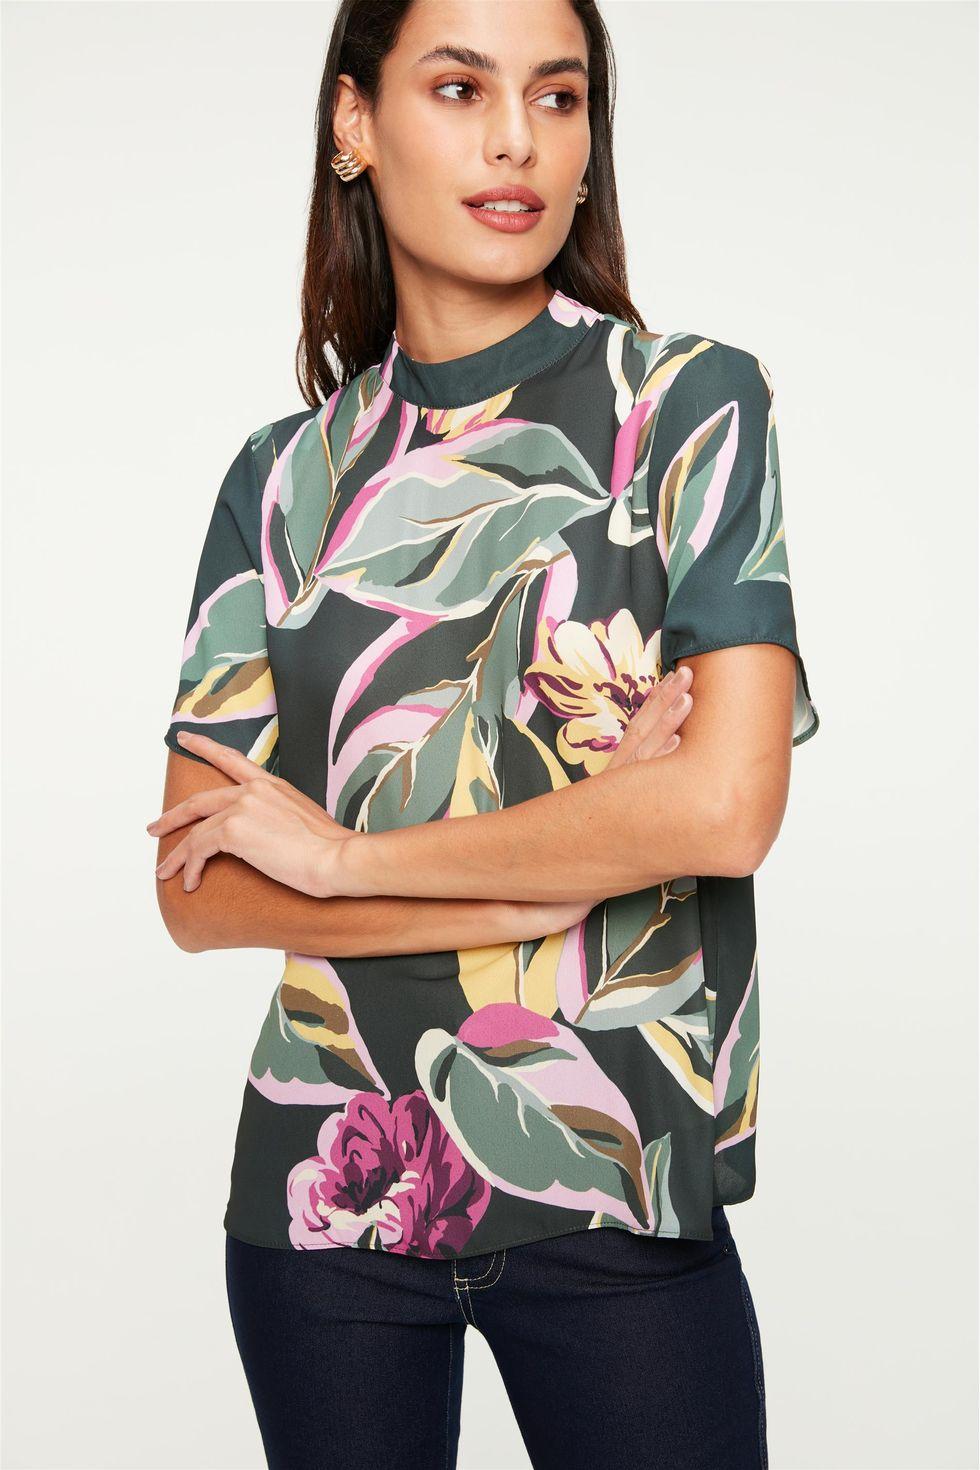 Blusa-Soltinha-com-Estampa-Floral-Frente--